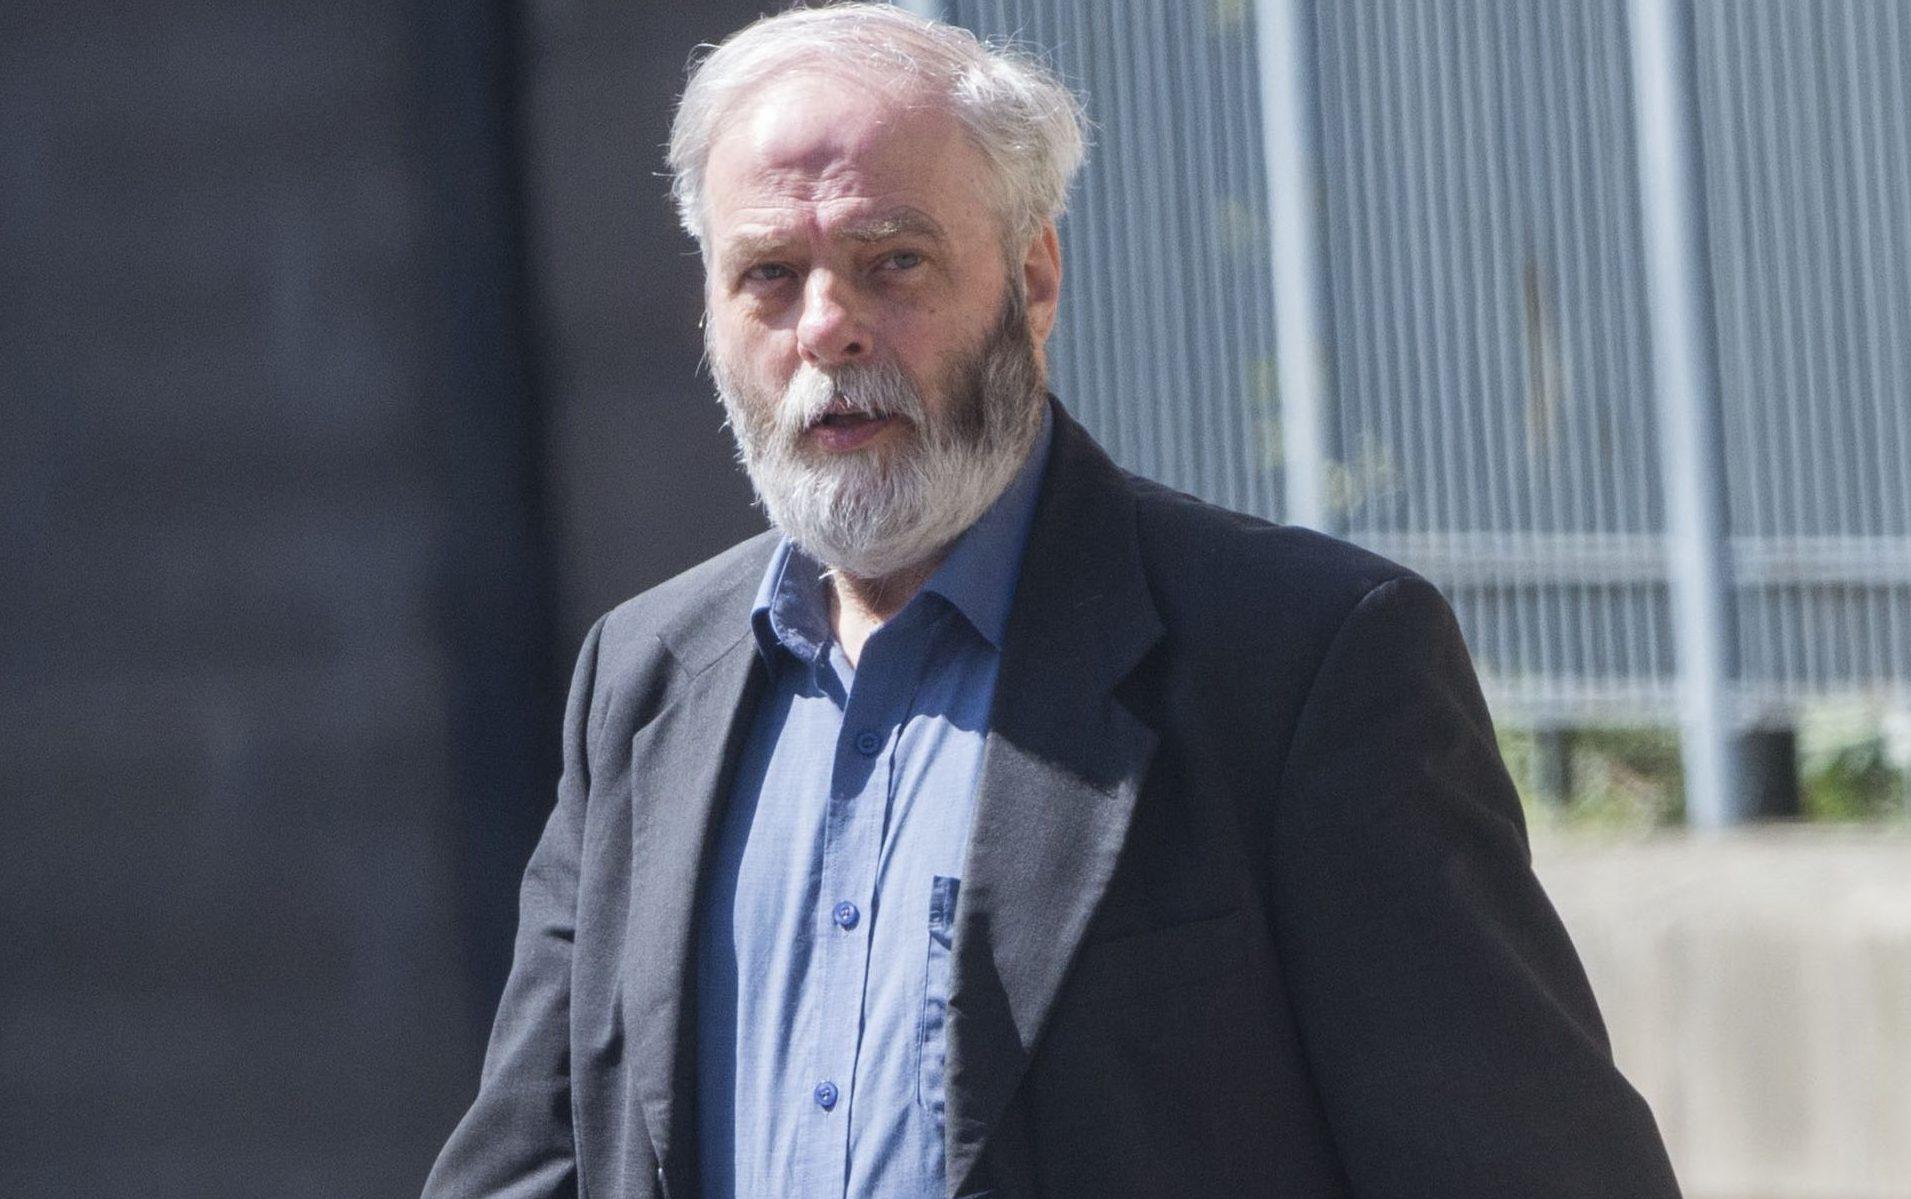 Sunnie remains defiant despite being found guilty.